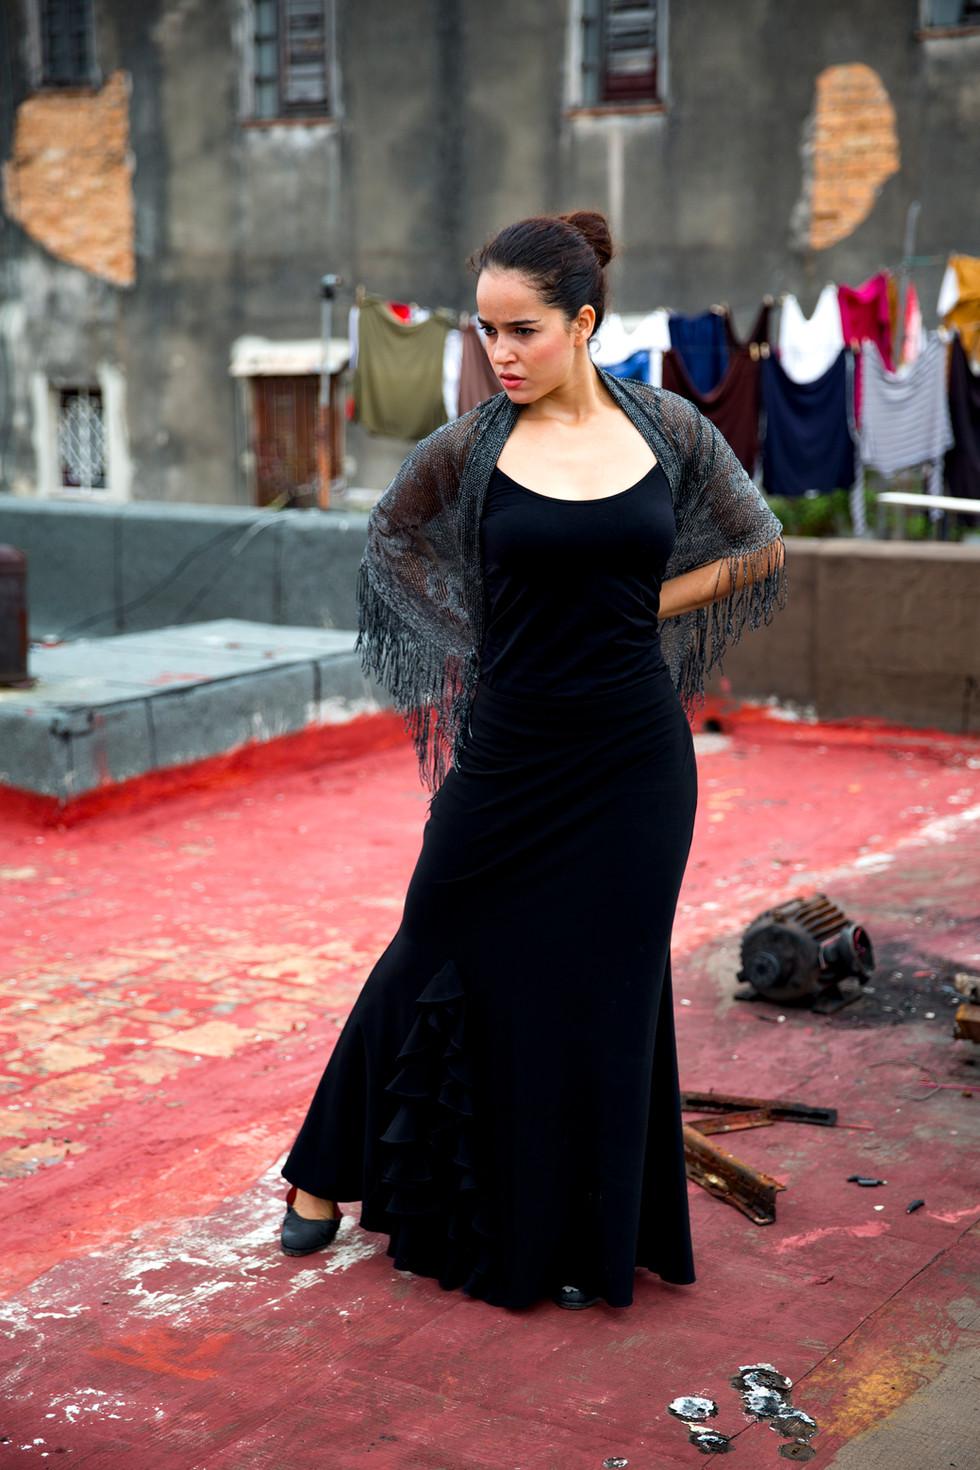 Flamenco Dancer on Rooftop, Havana